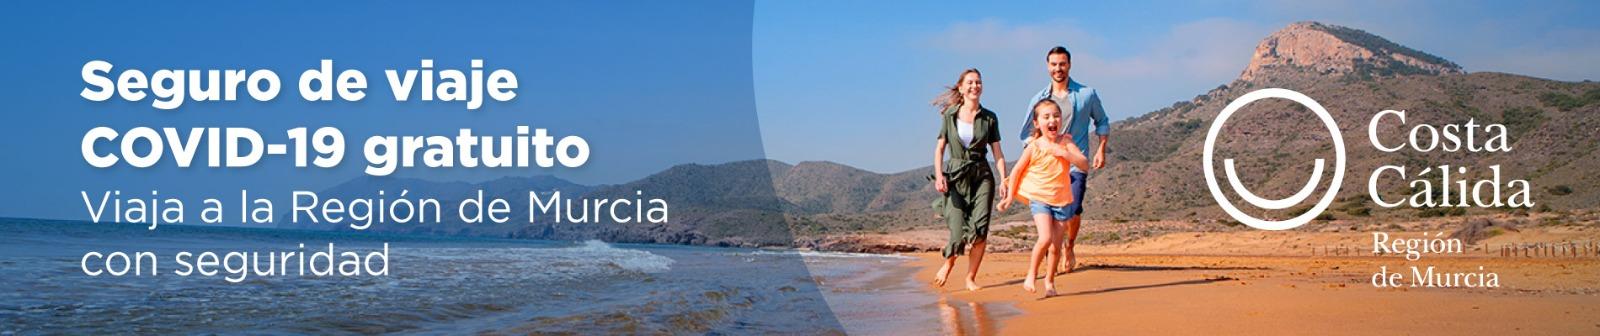 Seguro de viaje gratuito para turistas en la Región de Murcia para COVID-19